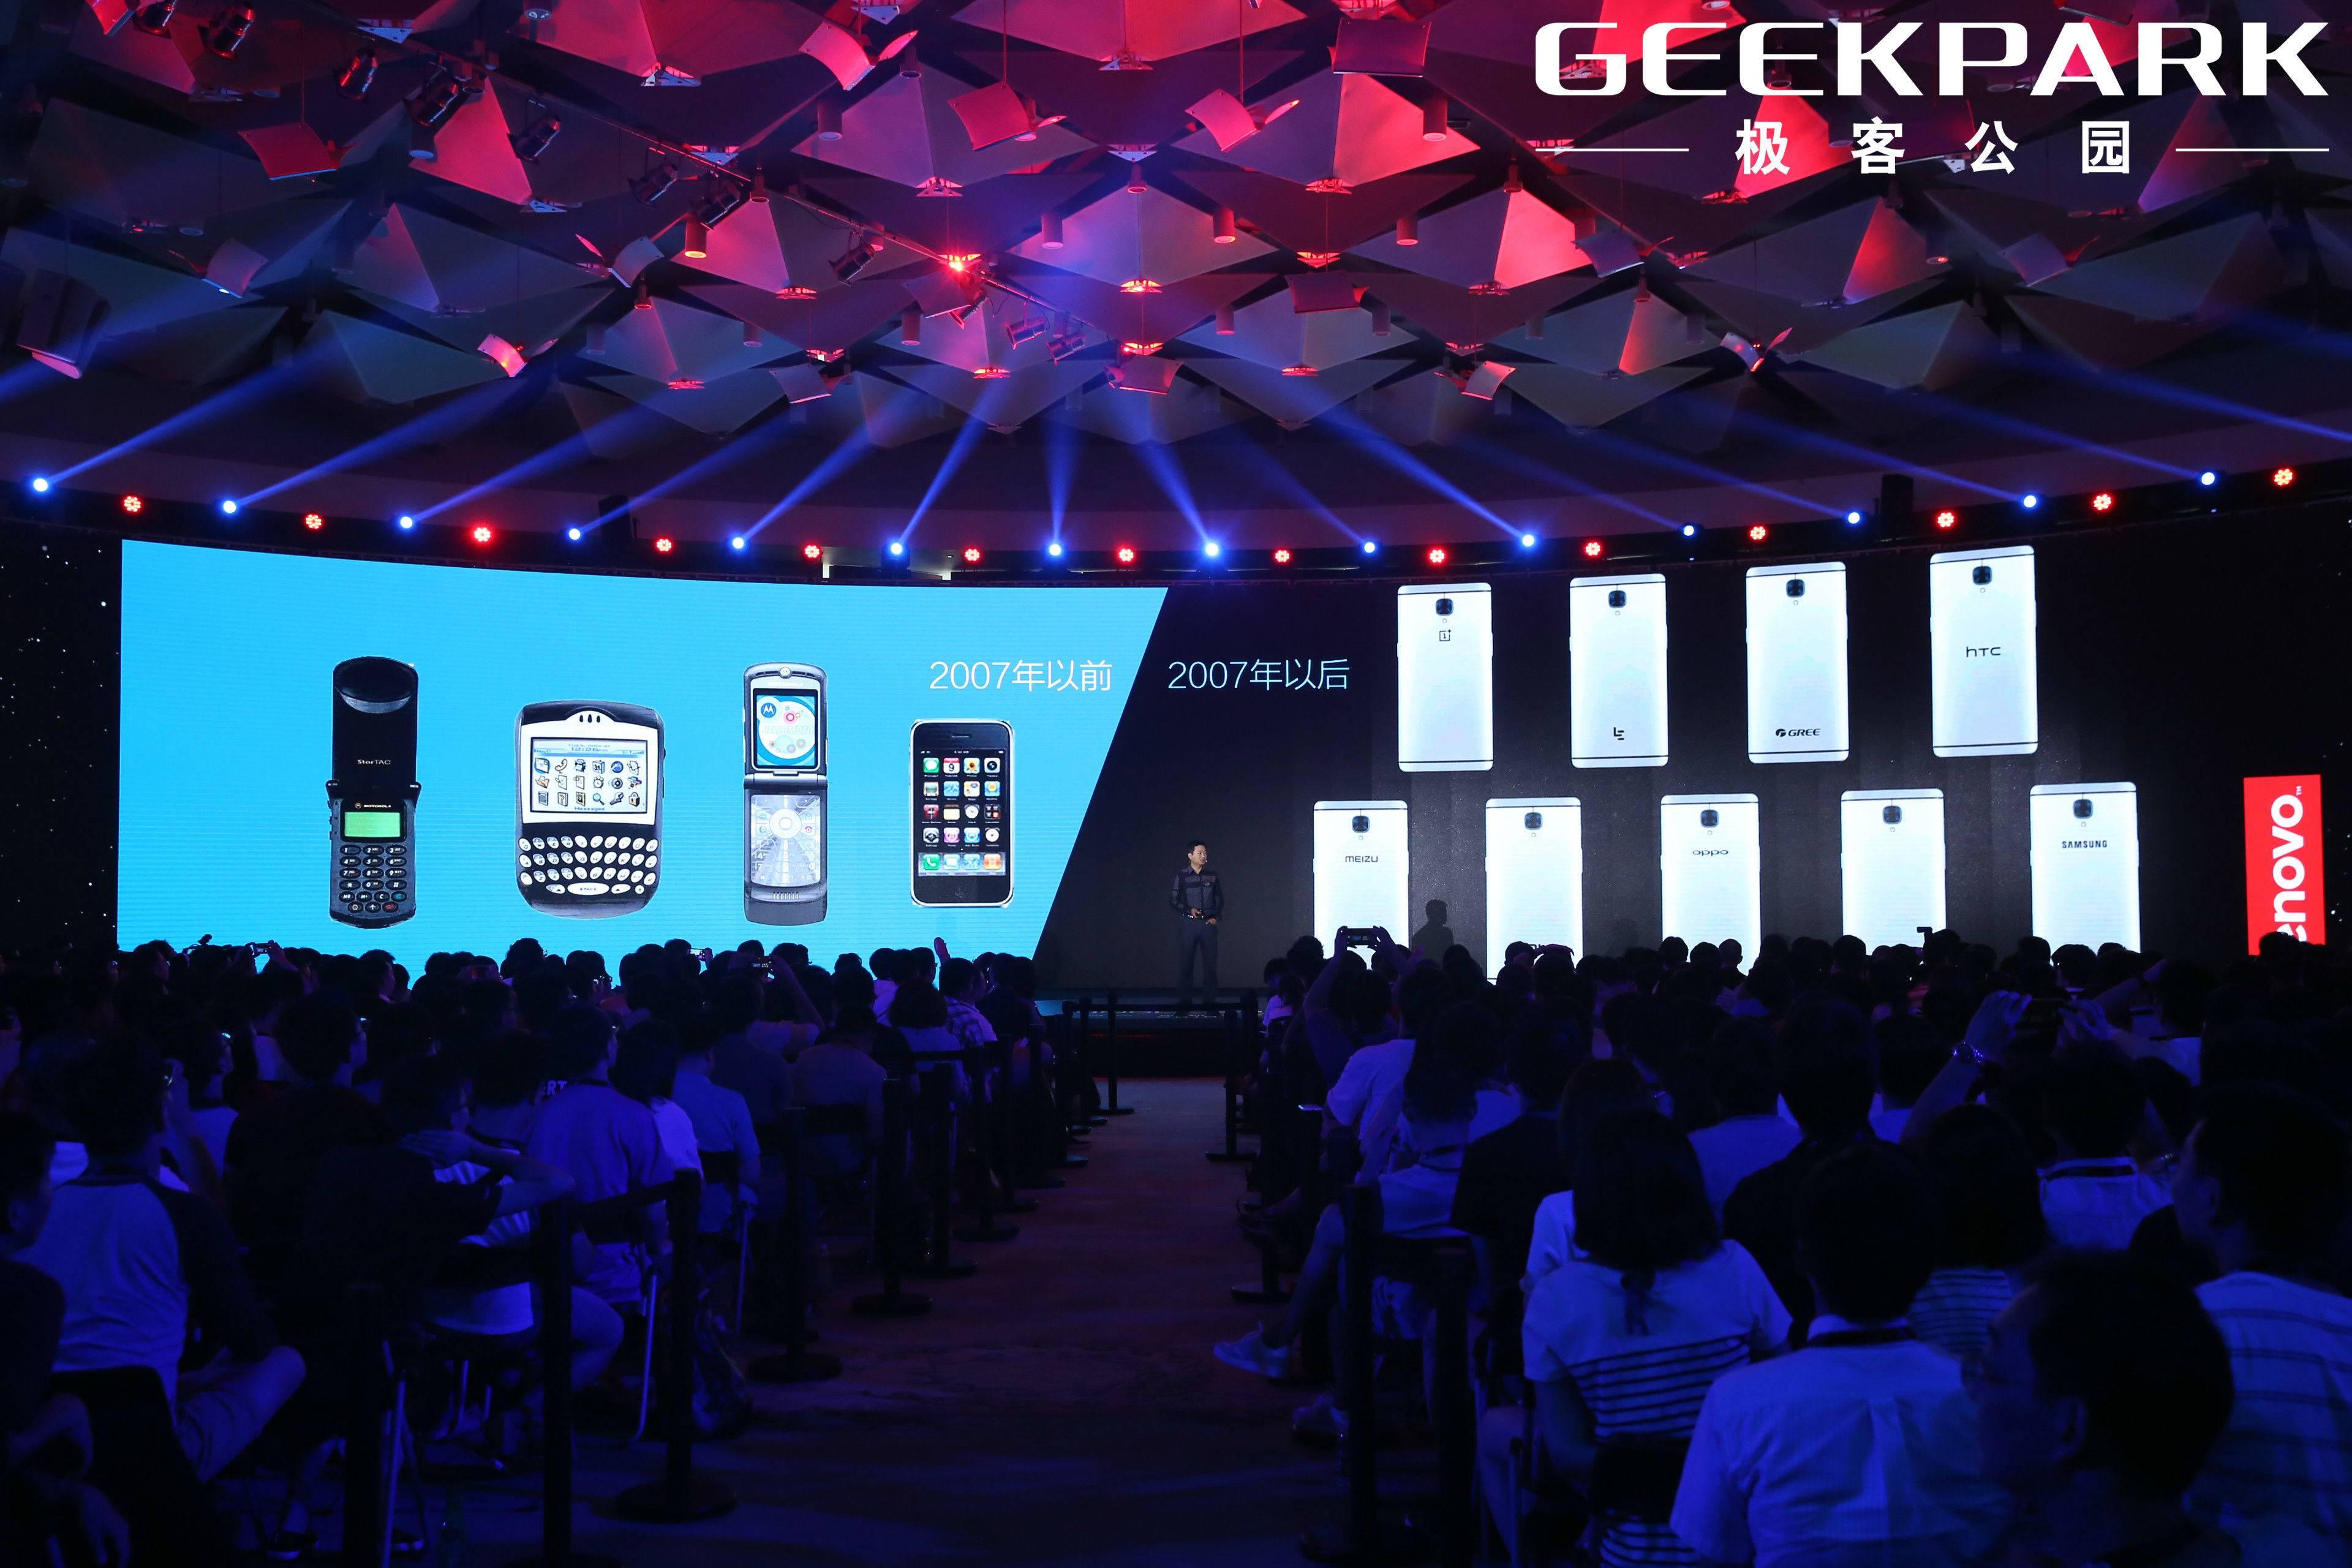 联想王峰:我们想让手机再多点想象力 | 极客公园